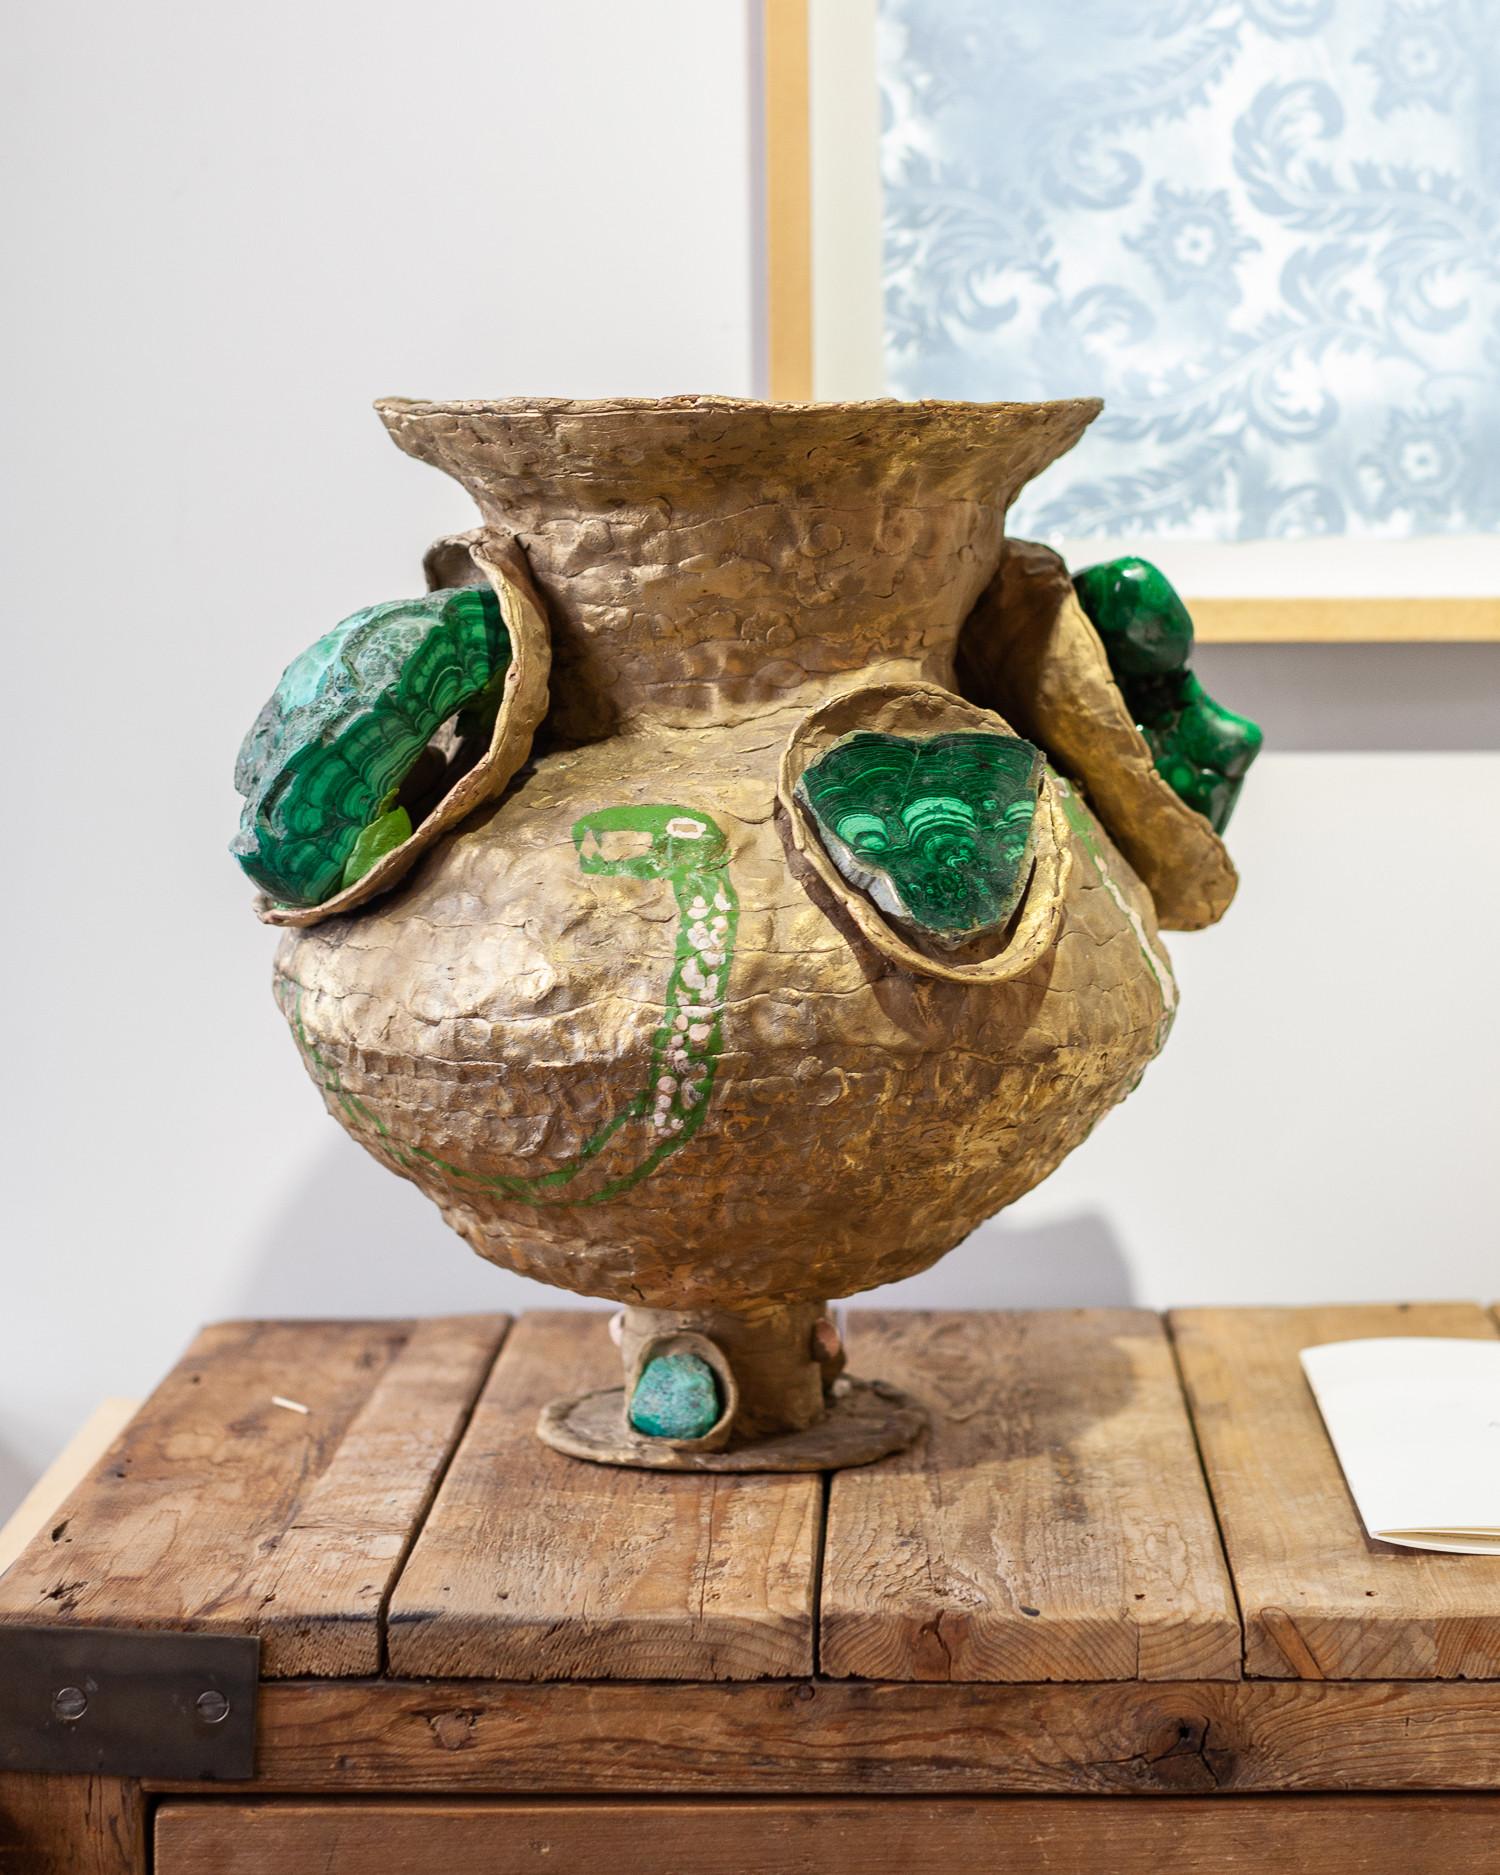 бронзовые вазы с малахитом из проекта, который был представлен на Уральской индустриальной биеннале